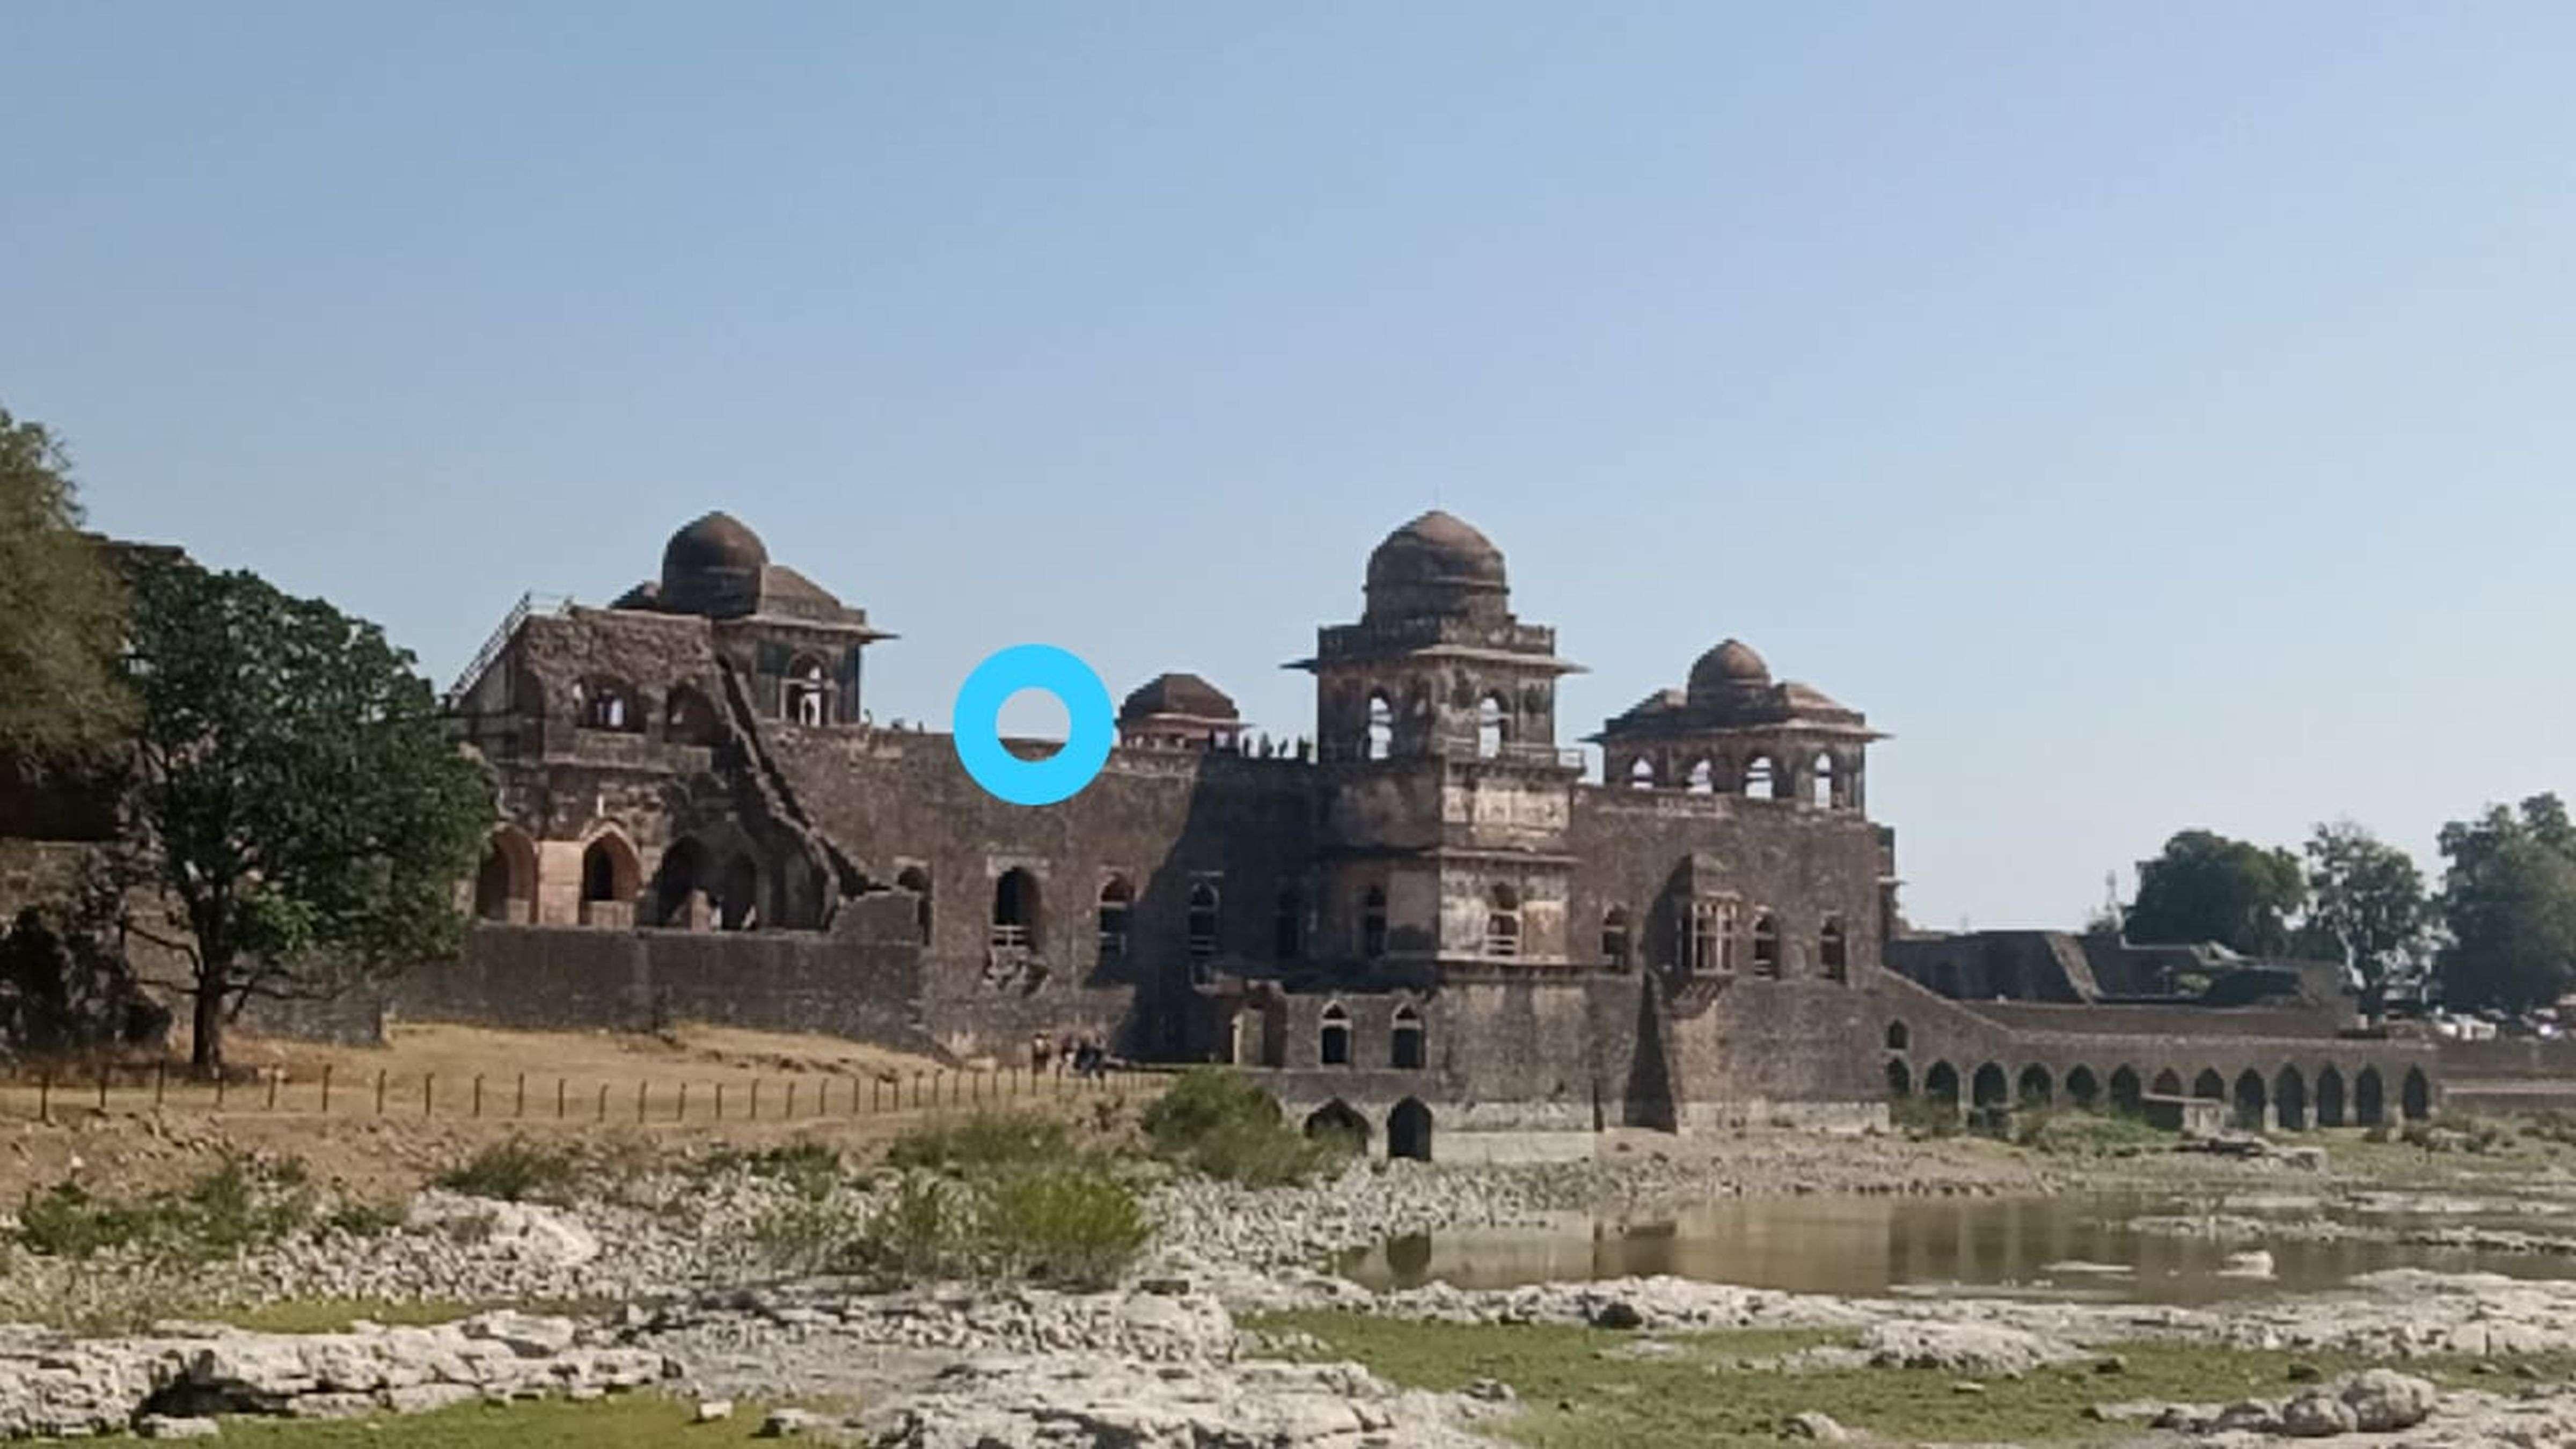 फोटो खींचने के लिए किया क्लिक तो महल से 30 फीट नीचे जा गिरी छात्रा (देखे वीडियो)